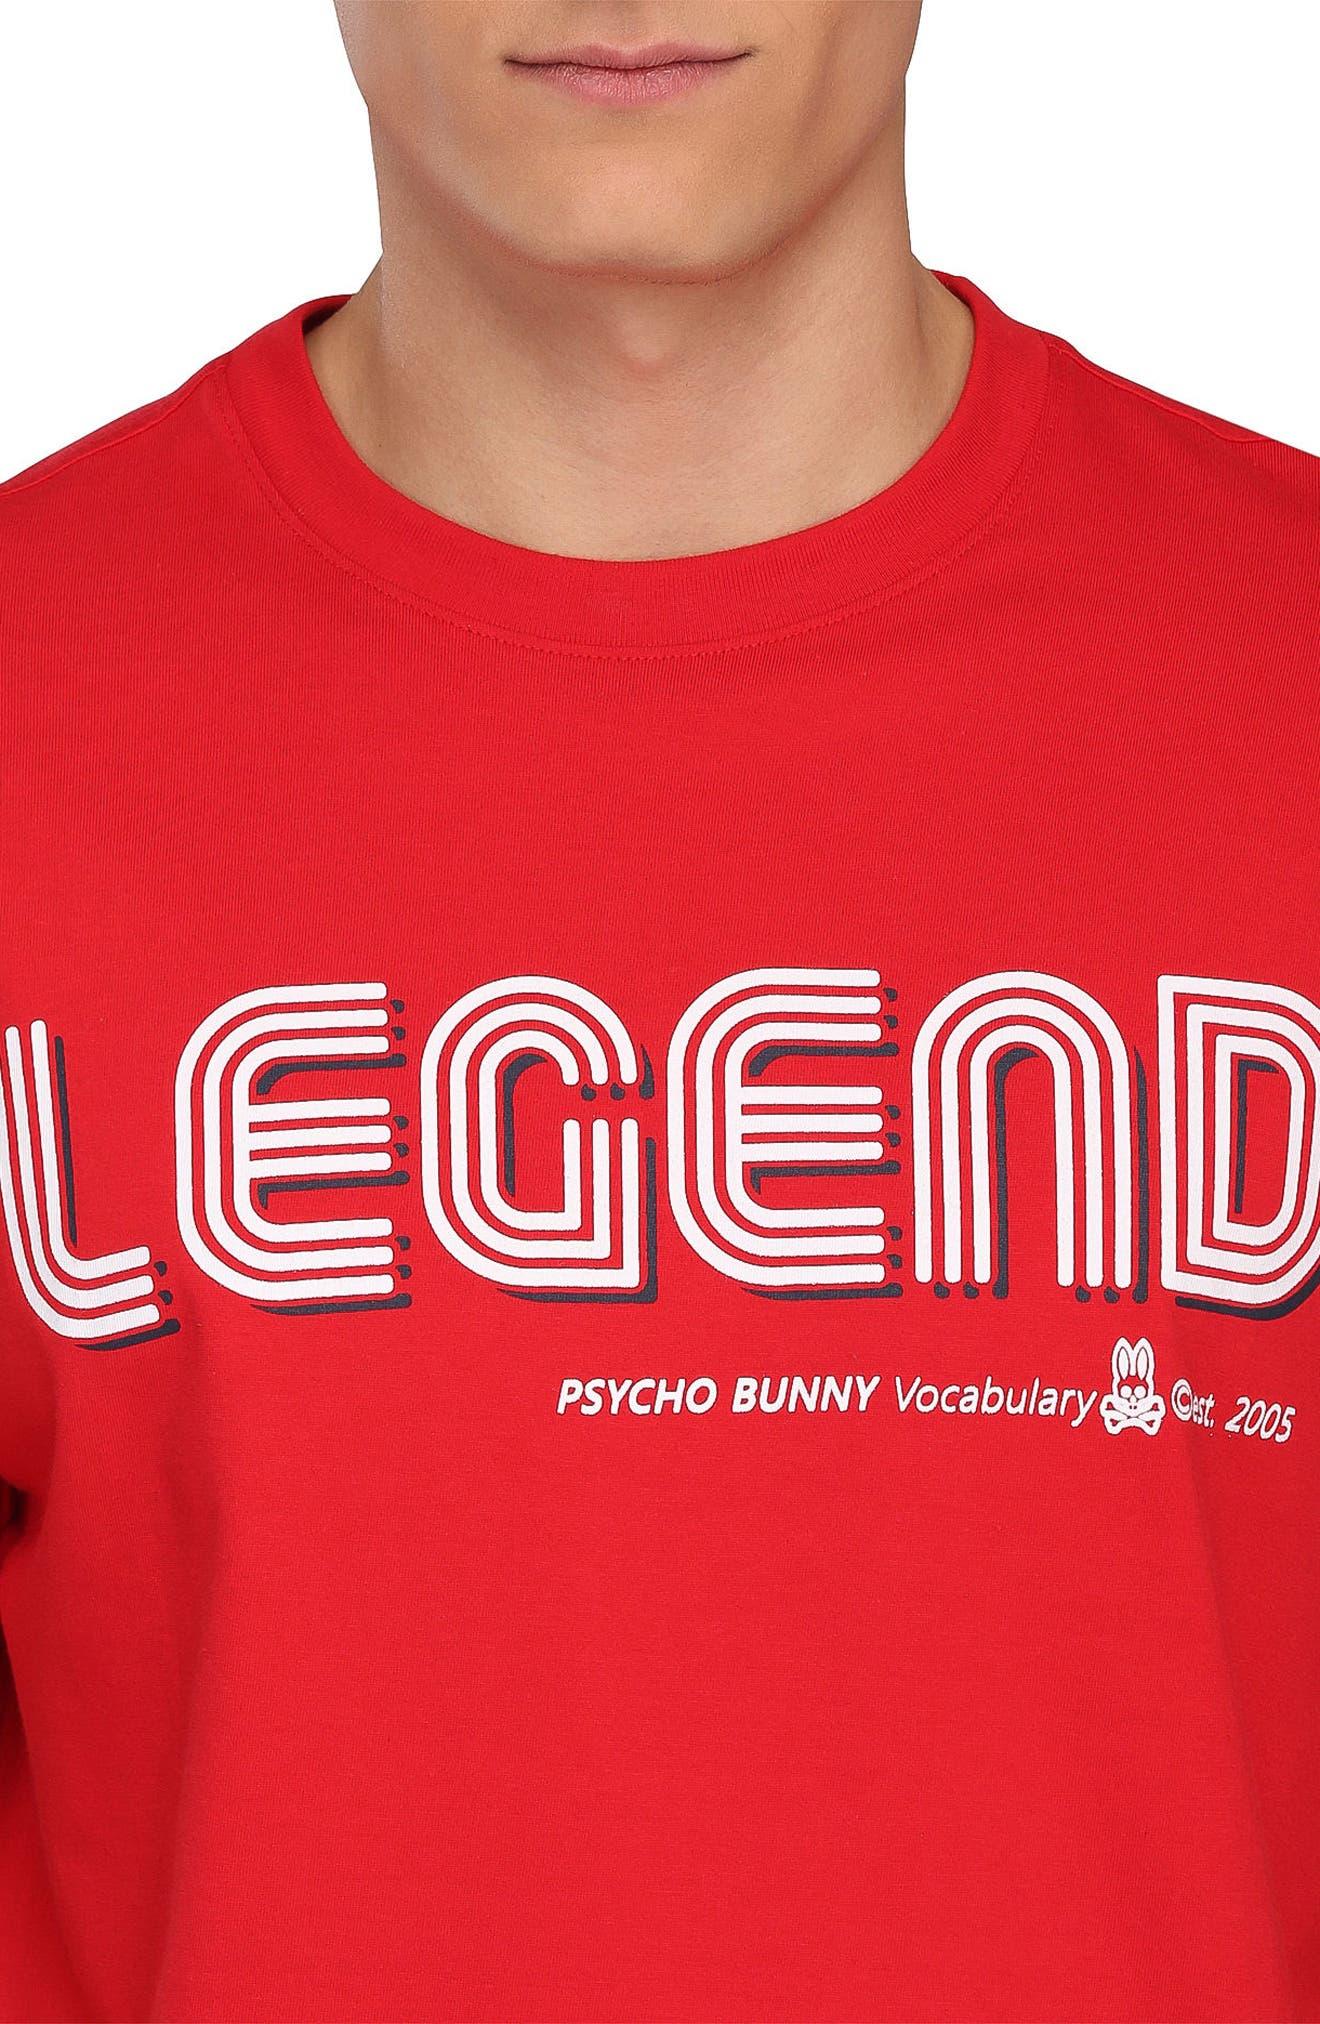 Legend Graphic T-Shirt,                             Alternate thumbnail 3, color,